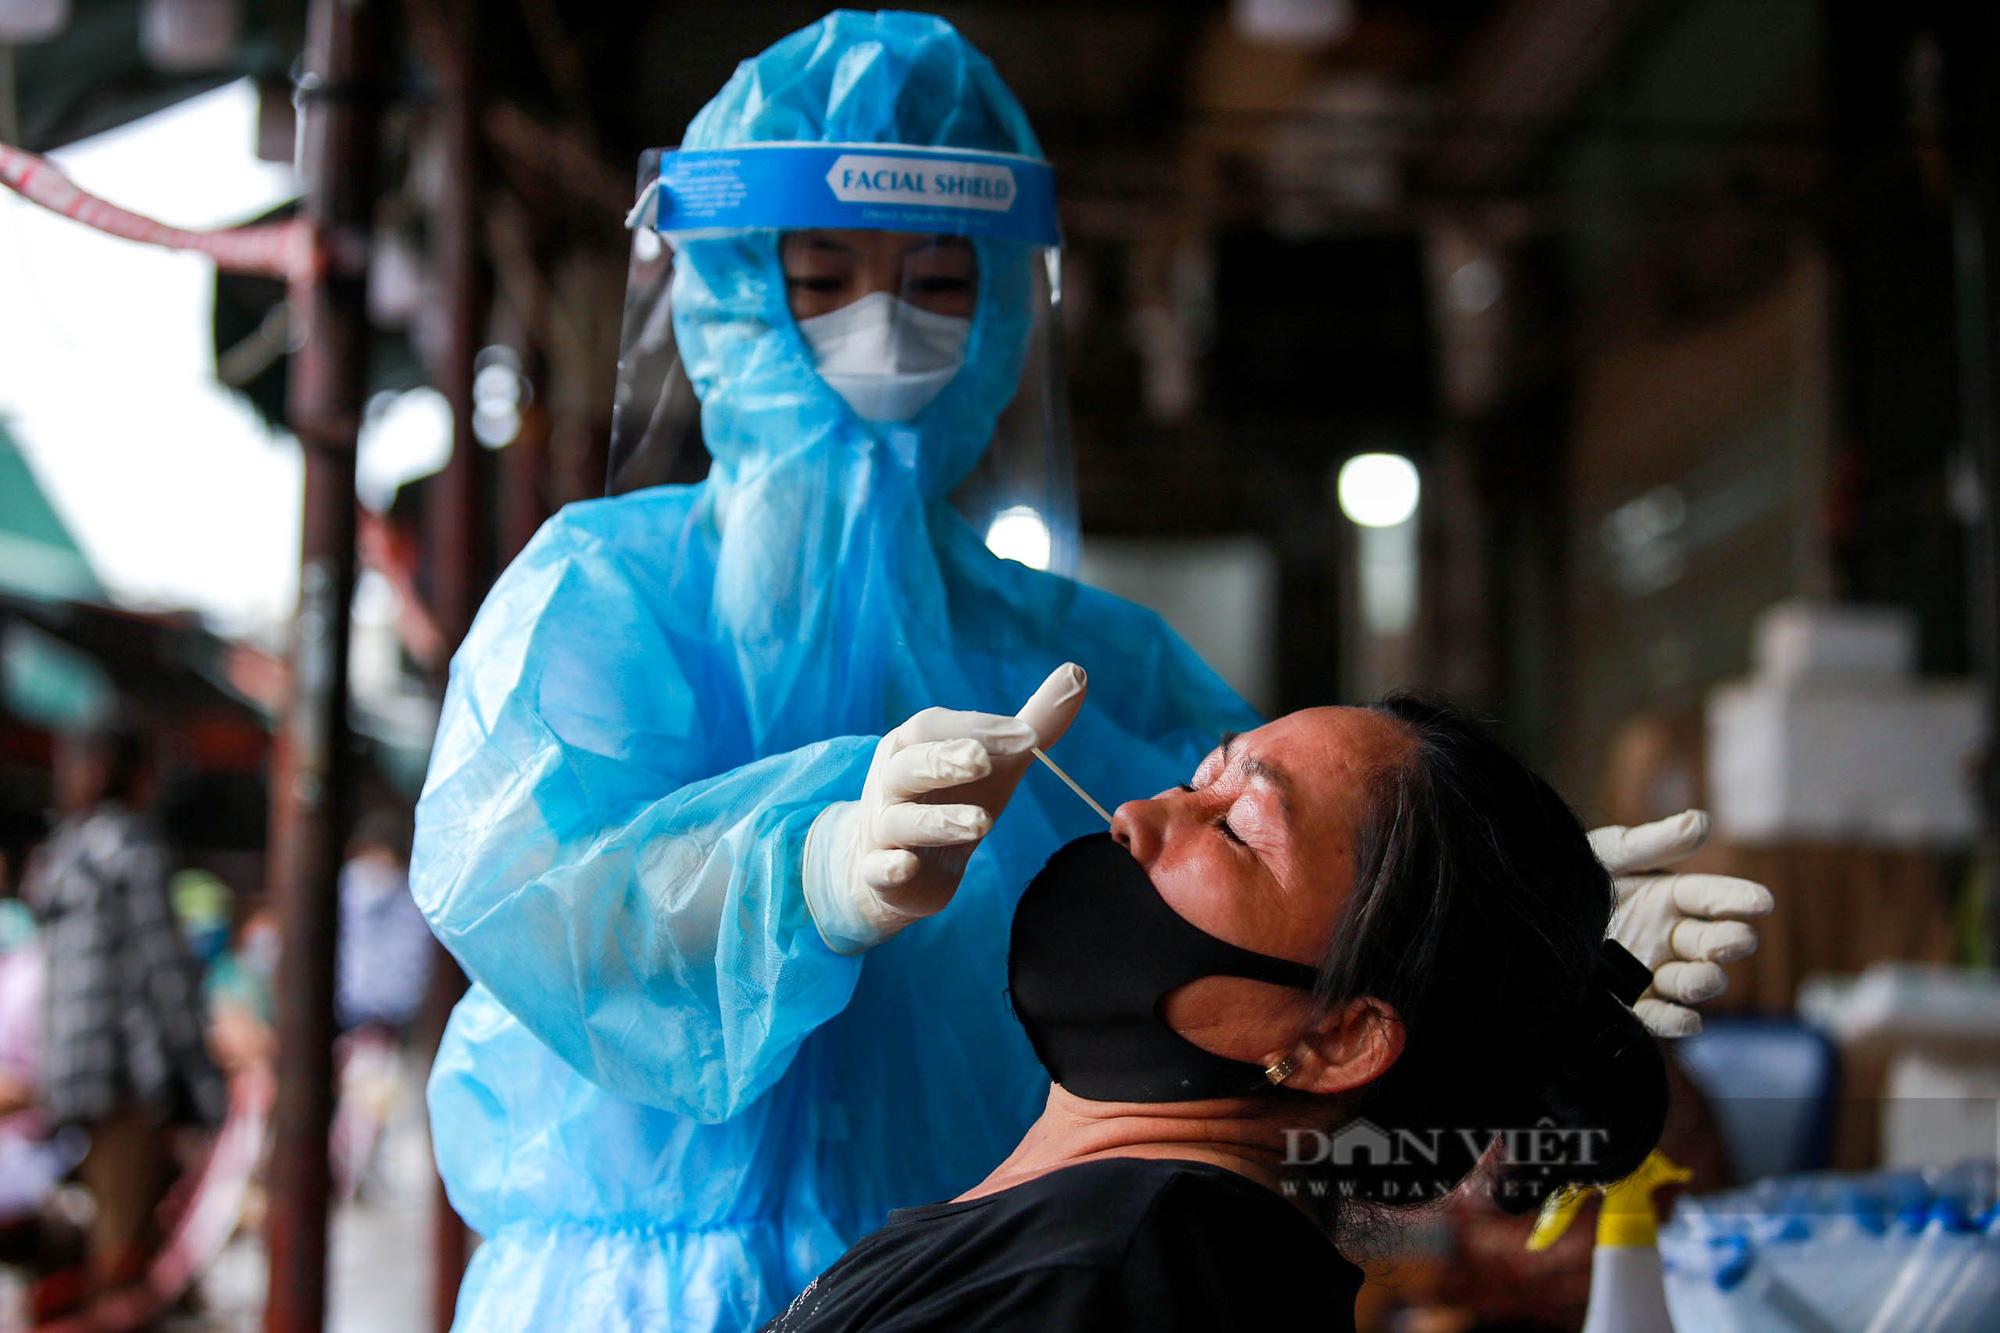 Lấy mẫu xét nghiệm hàng trăm tiểu thương tiểu thương tại chợ Phùng Khoang - Ảnh 8.